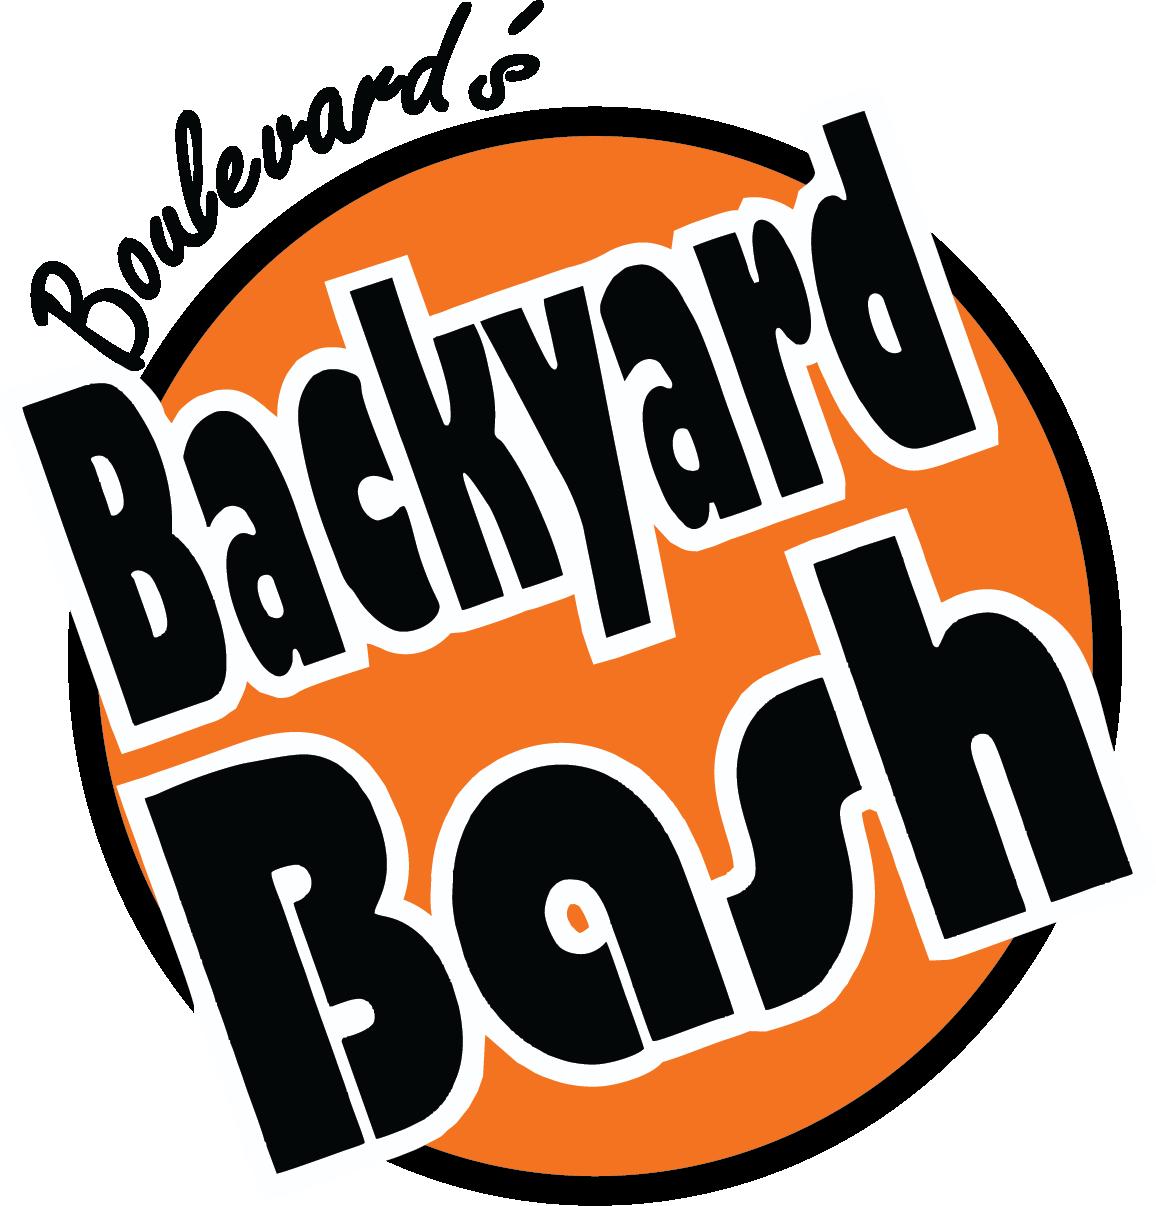 backyard-bash logo